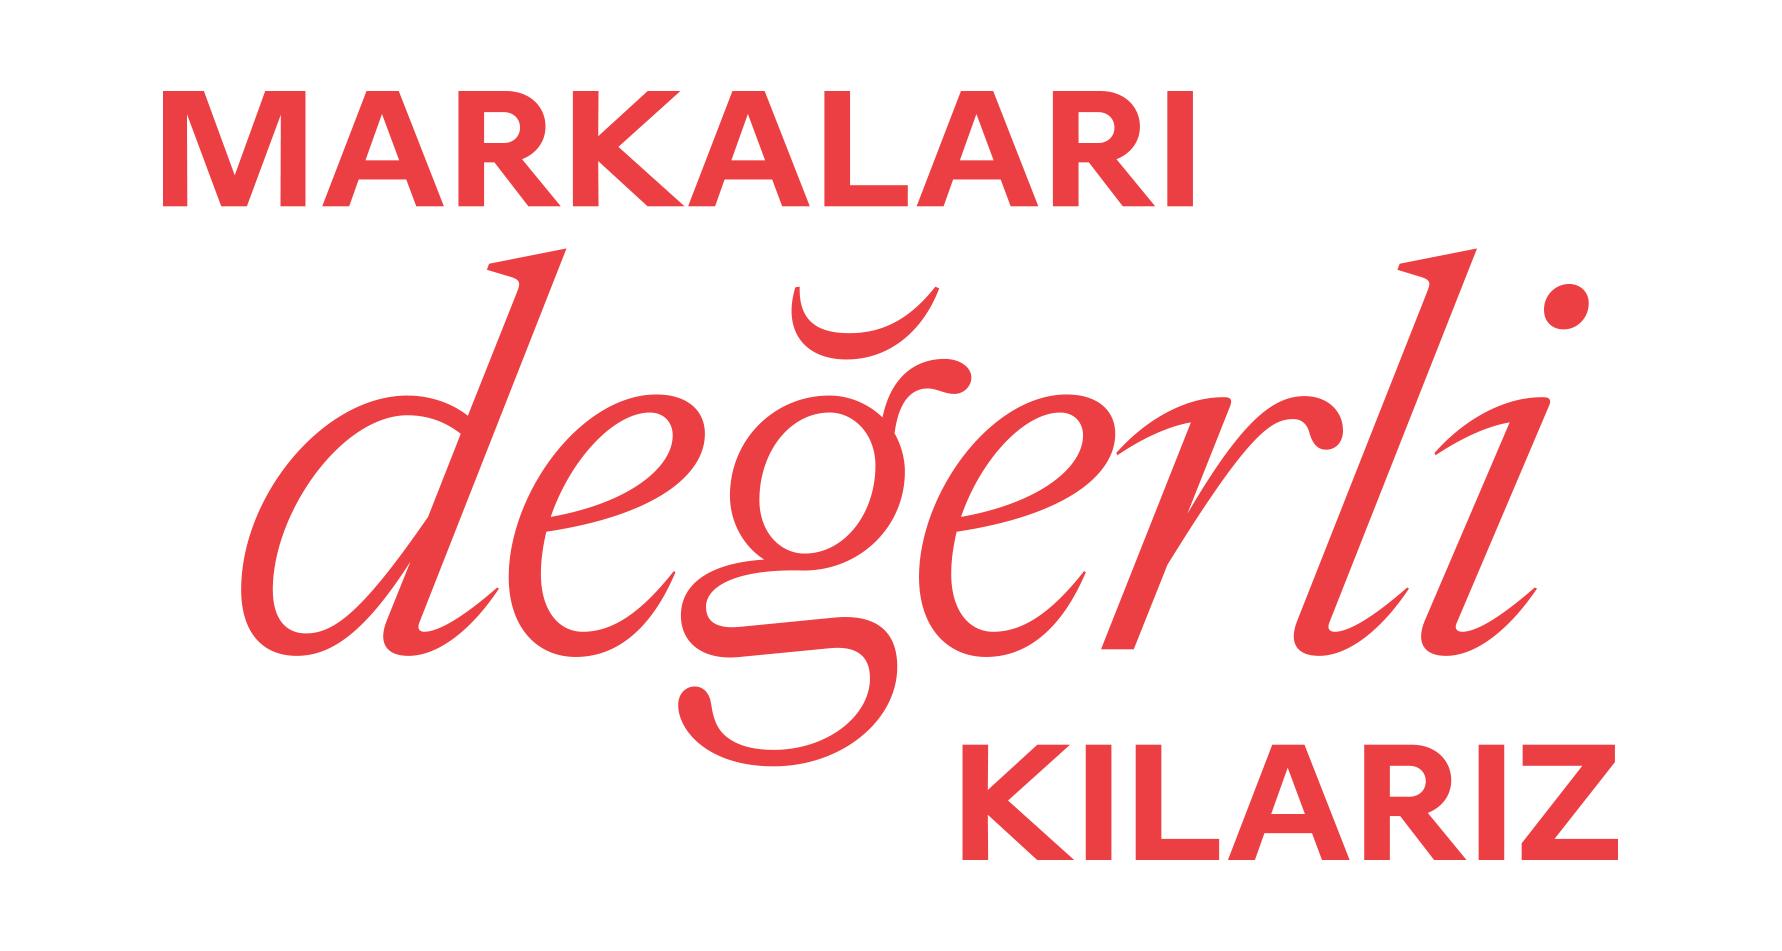 markalari-degerli-kilariz.png